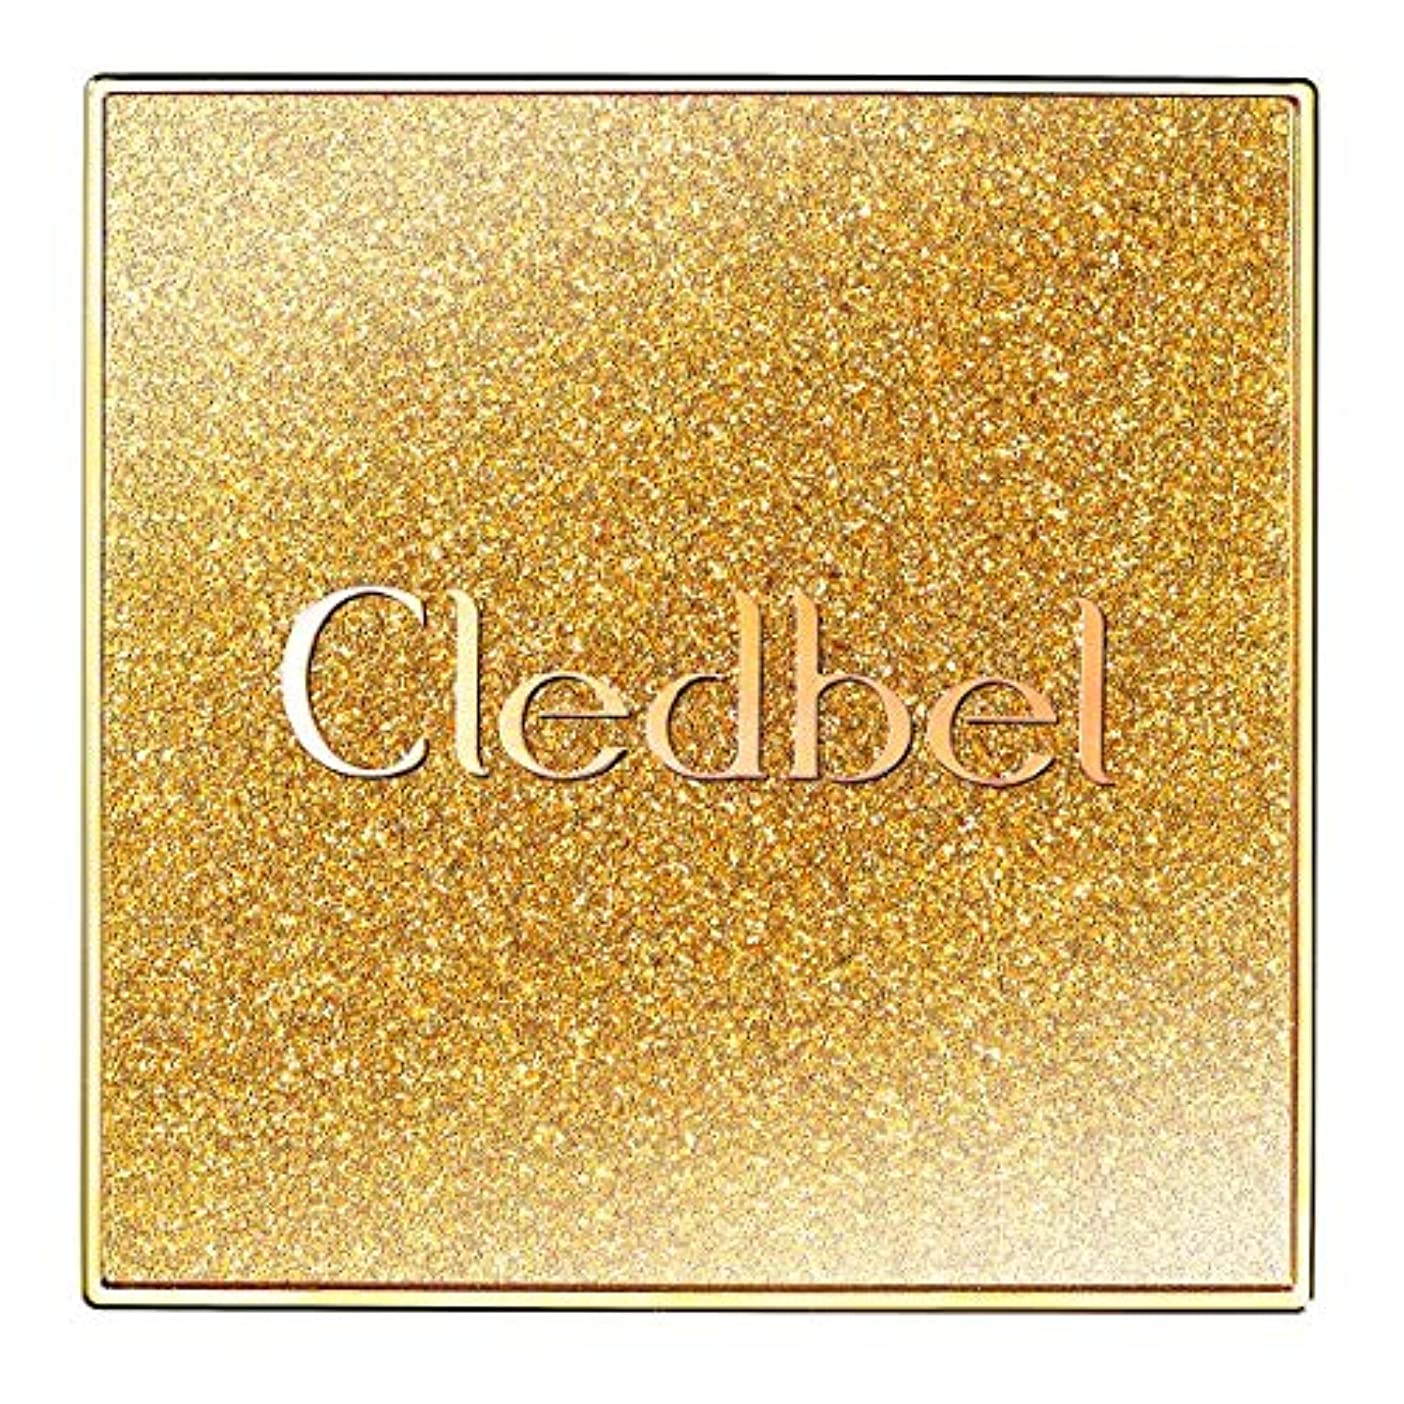 記念舌な補充[Cledbel] Miracle Power Lift V Cushion SPF50+ PA+++ GOLD EDITION/クレッドベルミラクルリフトV クッション [並行輸入品]